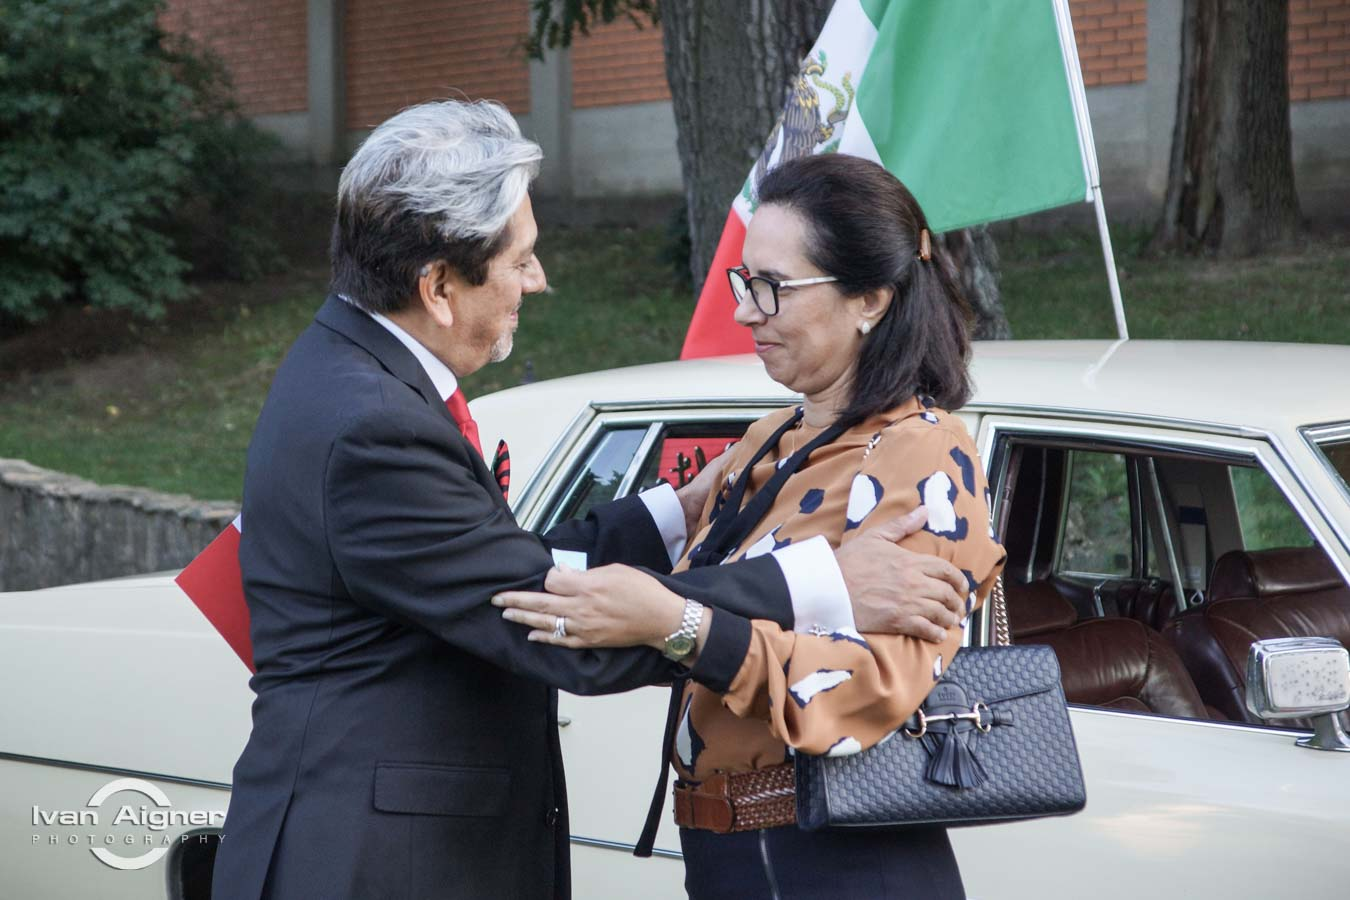 Őexc. David Nájera Rivas mexikói és Őexc. Karima Kabbaj marokkói nagykövet